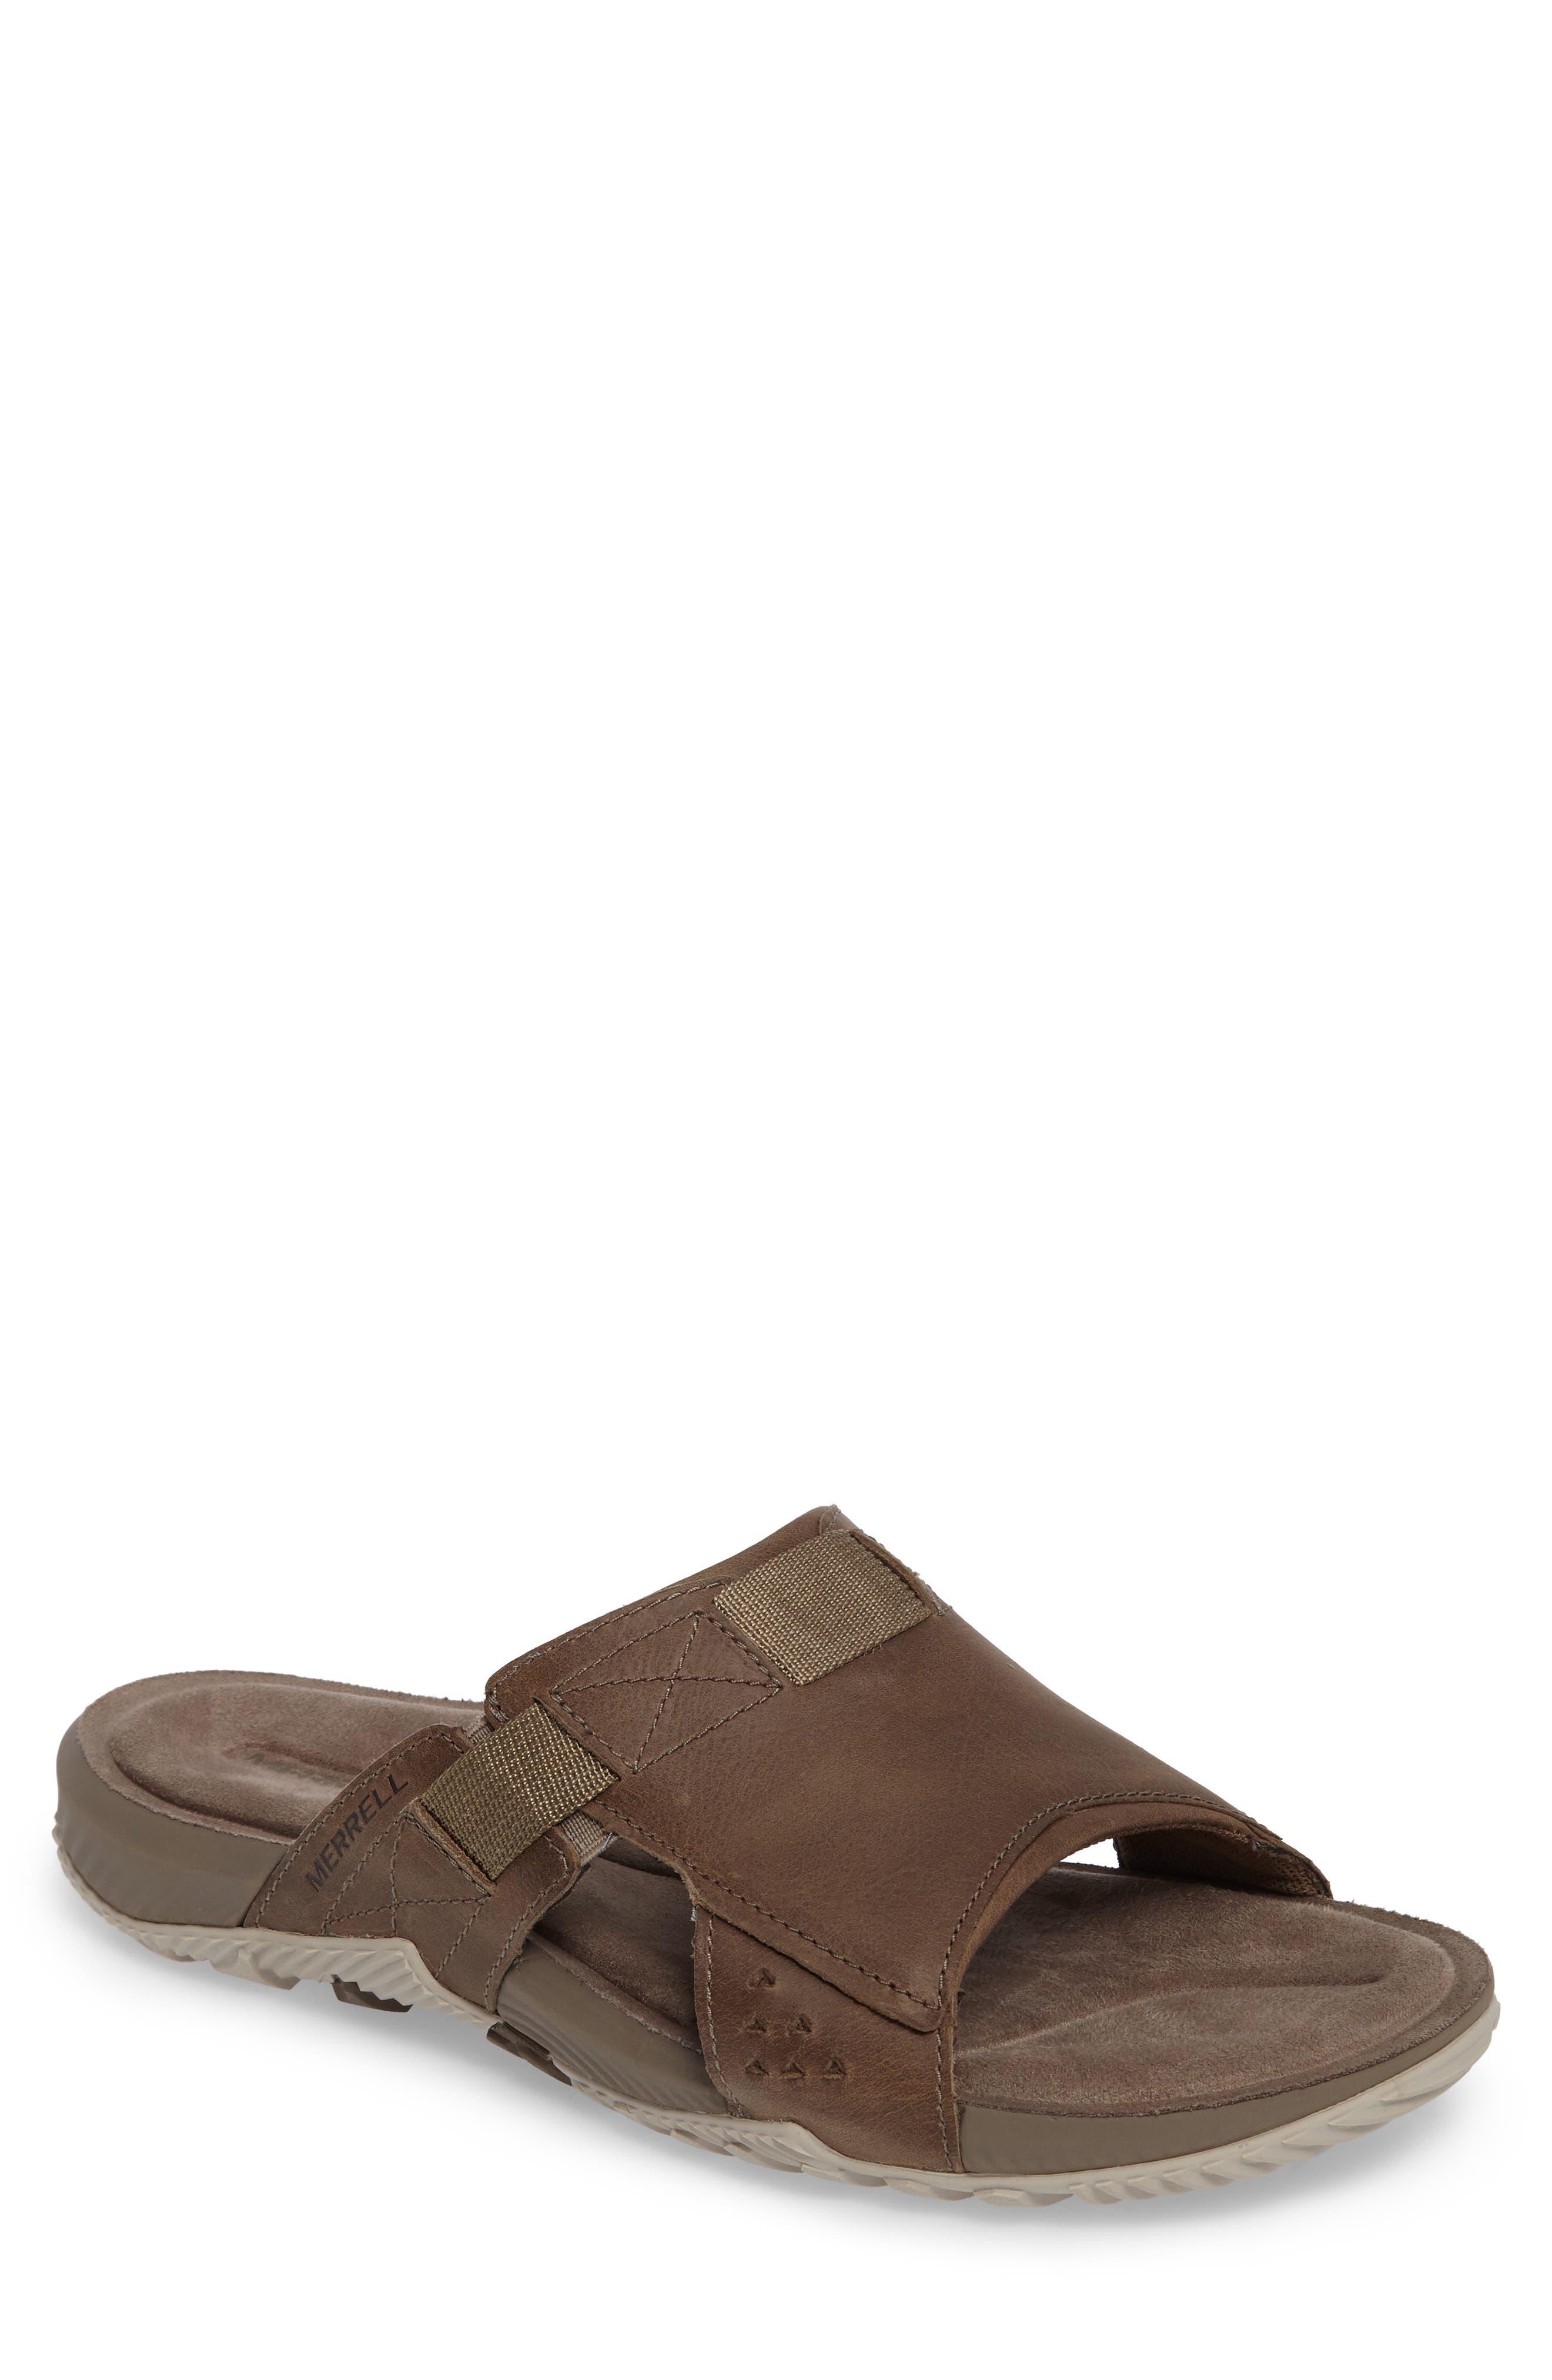 MERRELL Terrant Slide Sandal